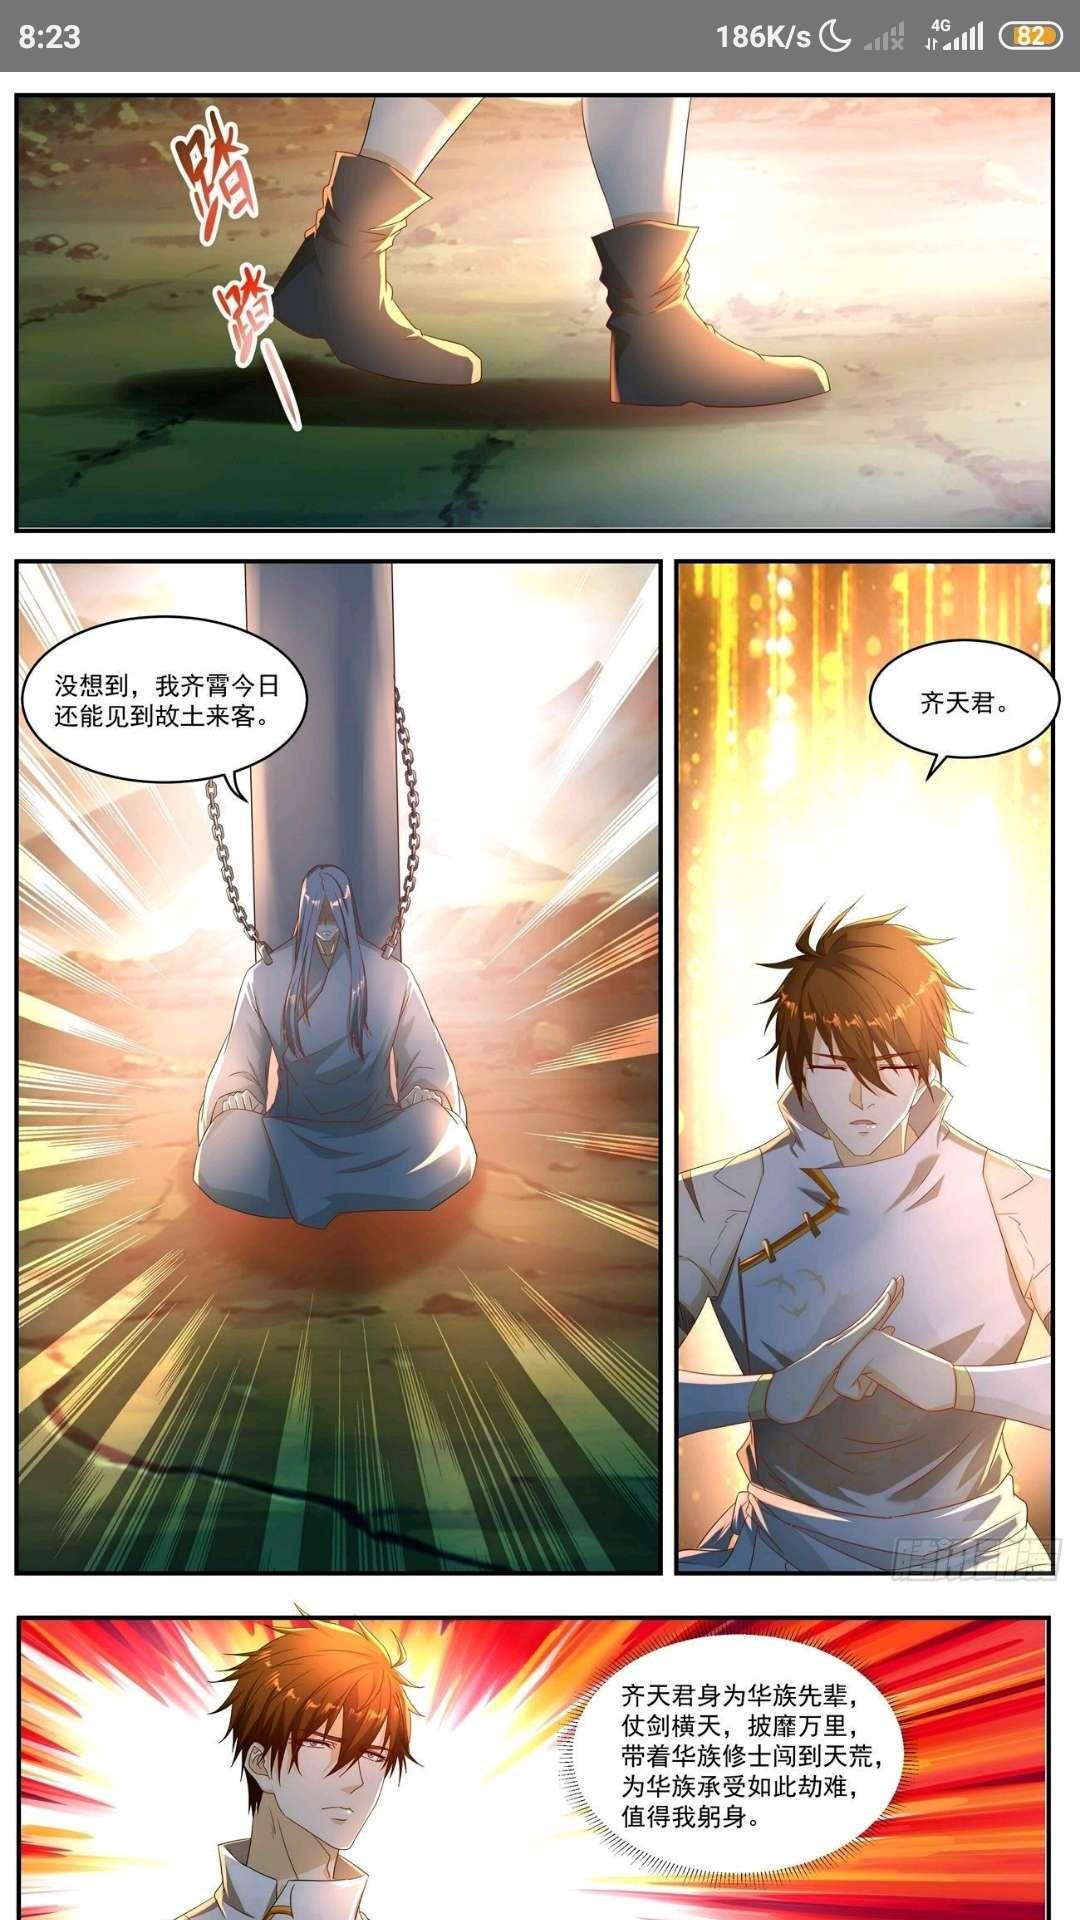 【漫画更新】重生之都市修仙  554~555-小柚妹站